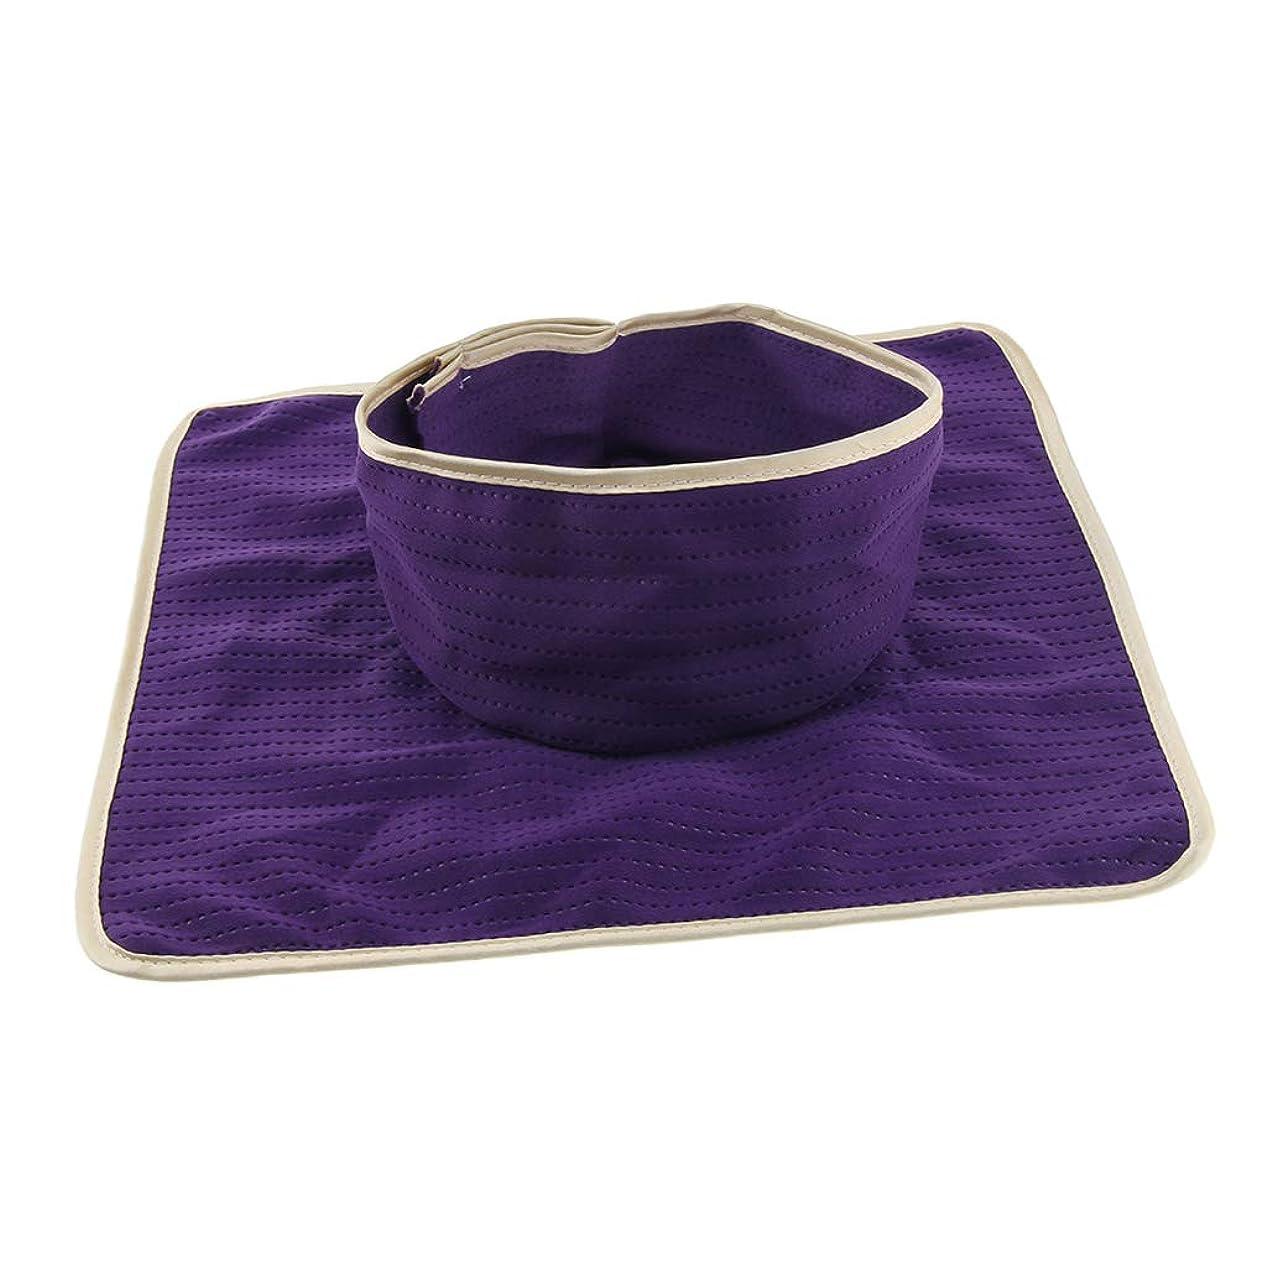 パテ満たす用語集Perfeclan マッサージ ベッドカバー シート パッド 洗濯可能 再利用可能 約35×35cm 全3色 - 紫